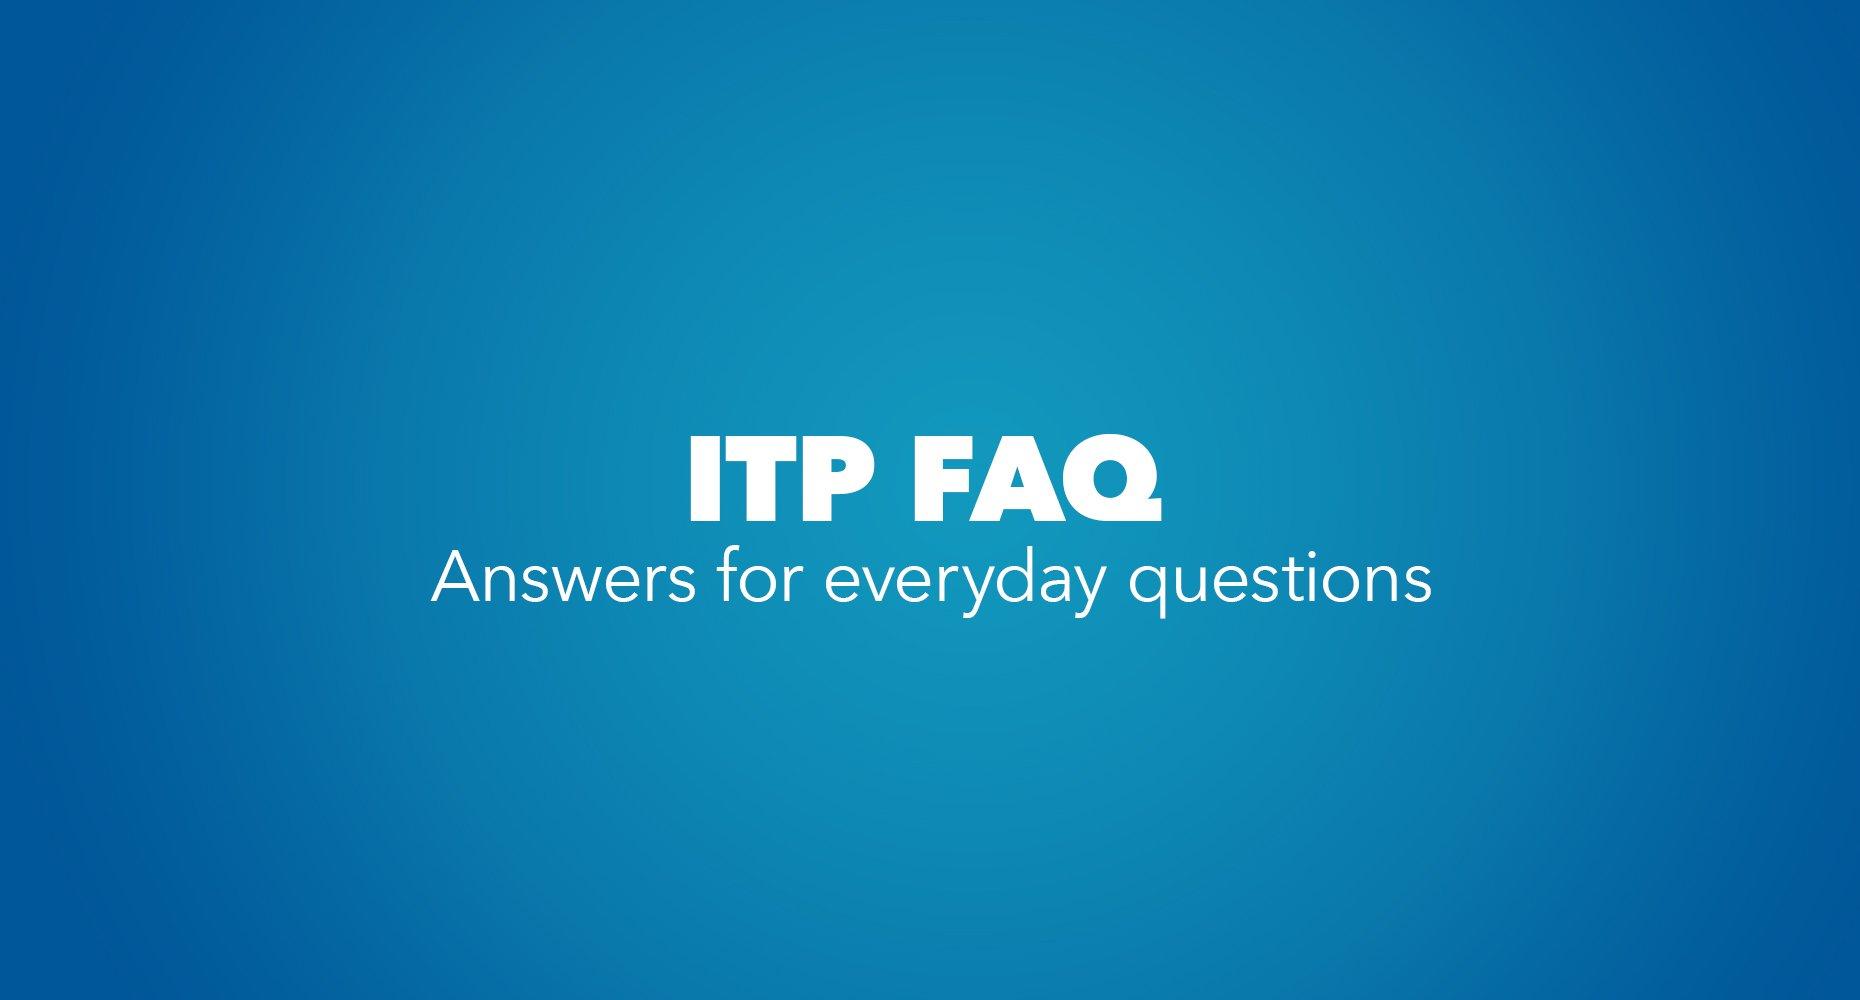 ITP FAQ_Image Card